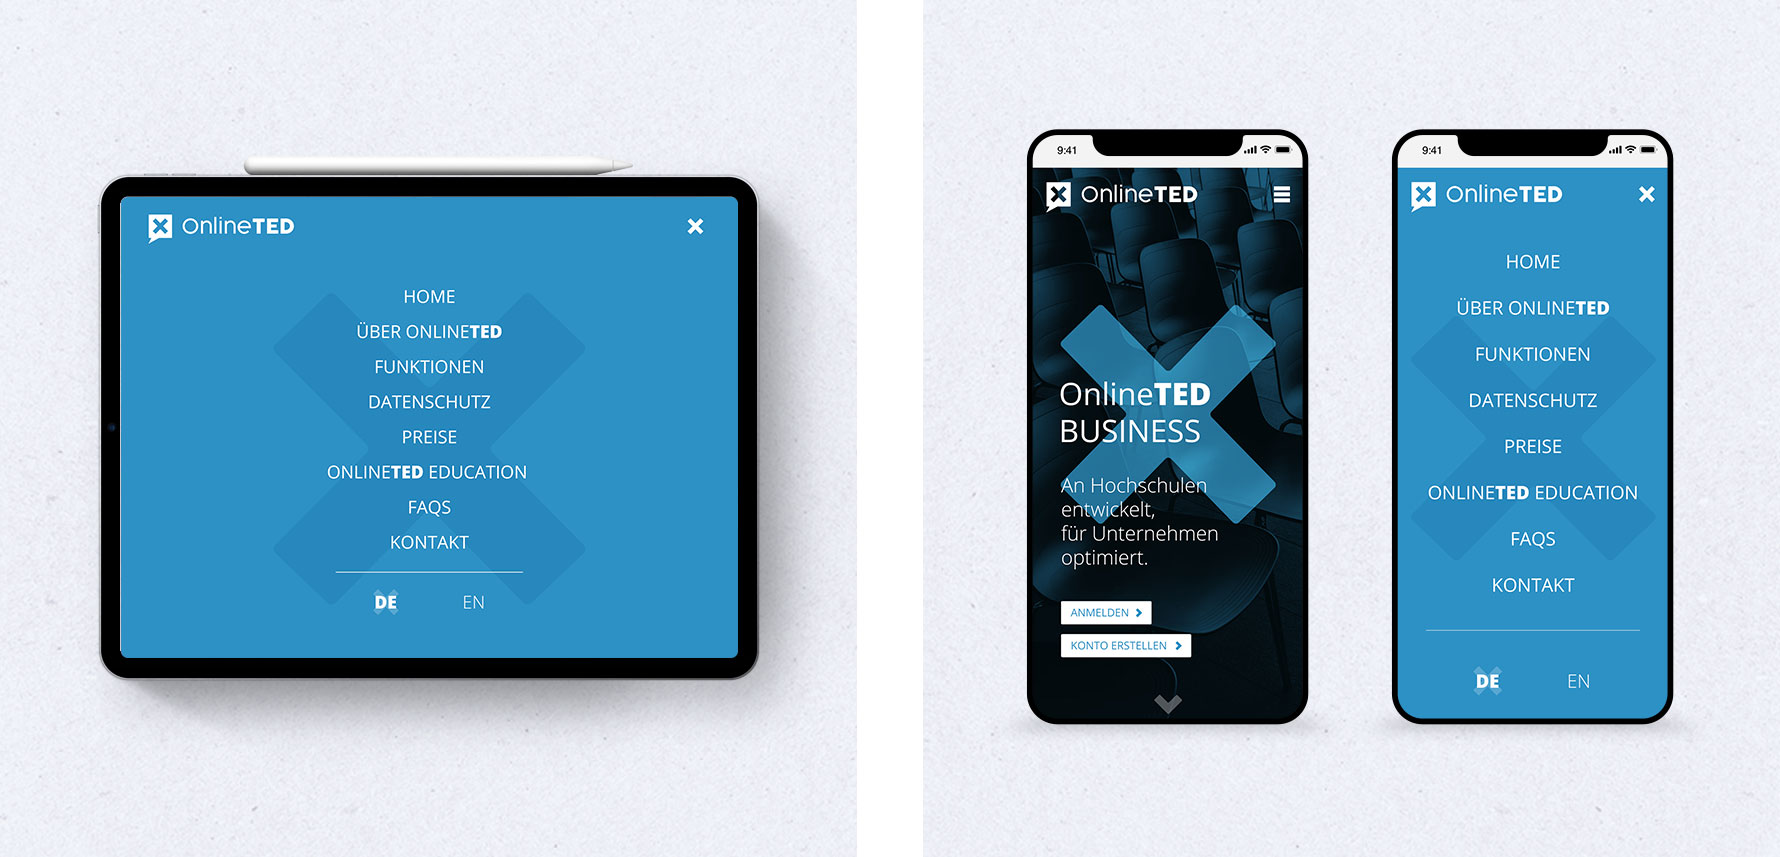 Hüfner Design | Referenz OnlineTED | Webdesign